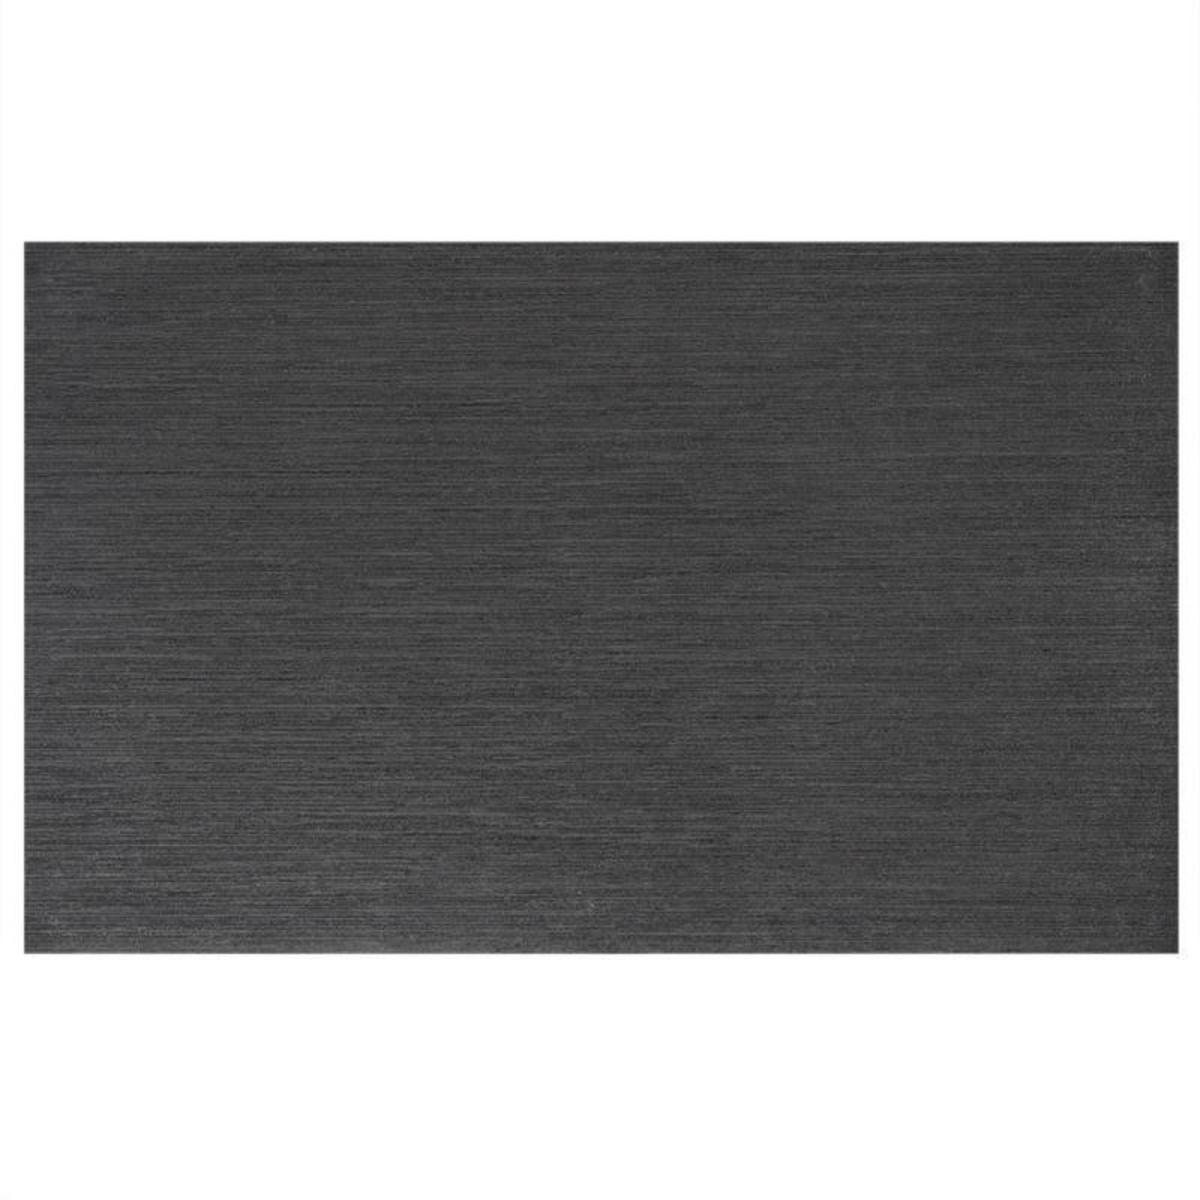 Плитка настенная Пиано 25х40 см 1.5 м2 цвет черный